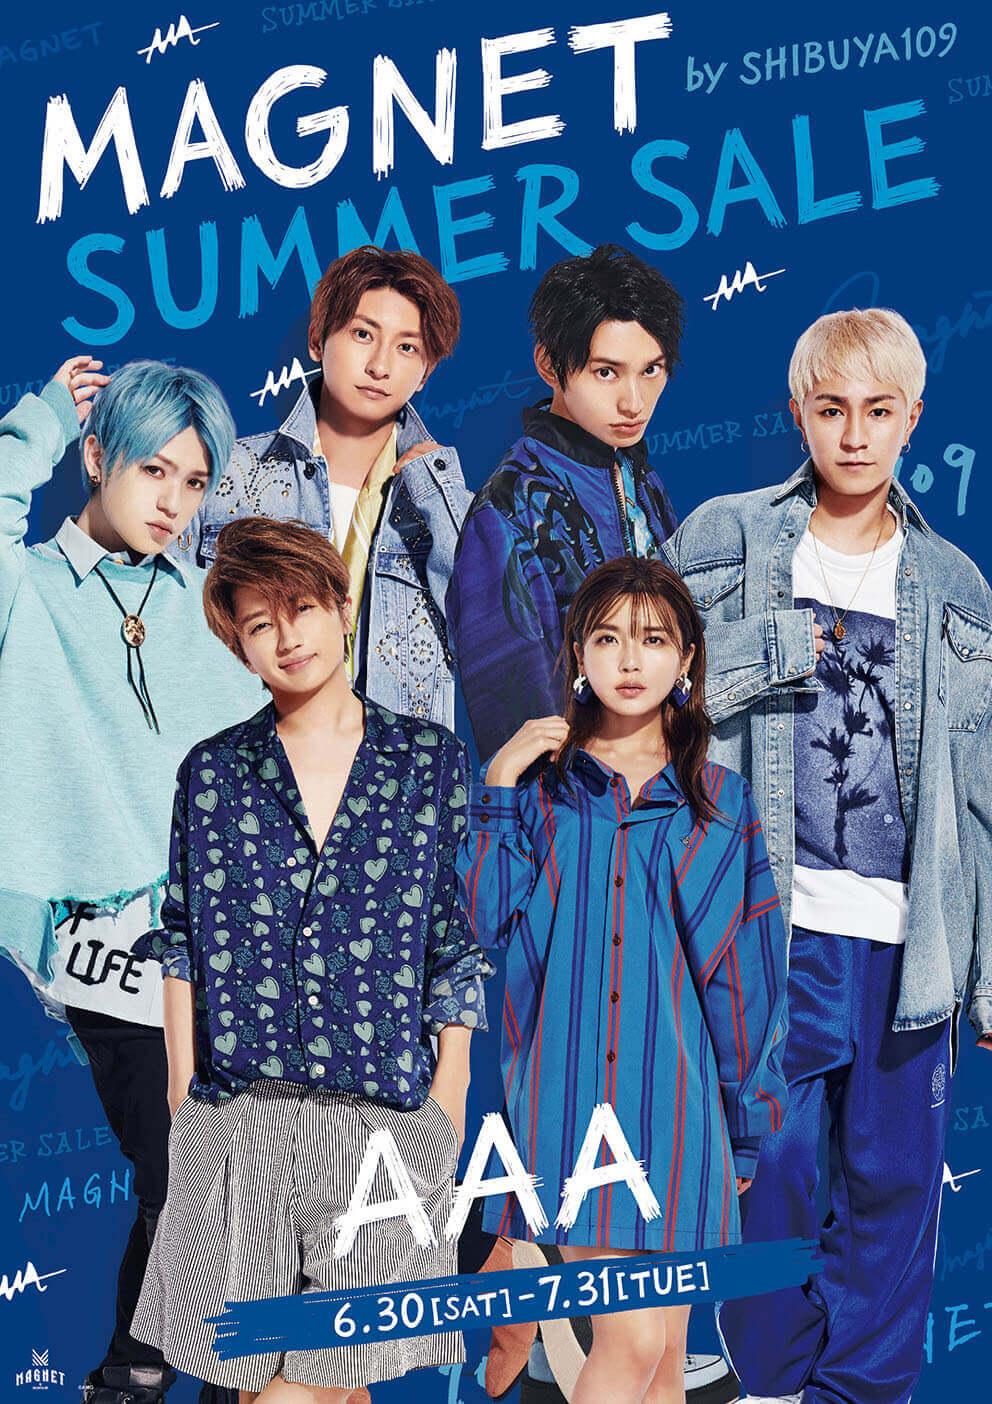 AAA SHIBUYA109とコラボキャンペーンを実施サムネイル画像